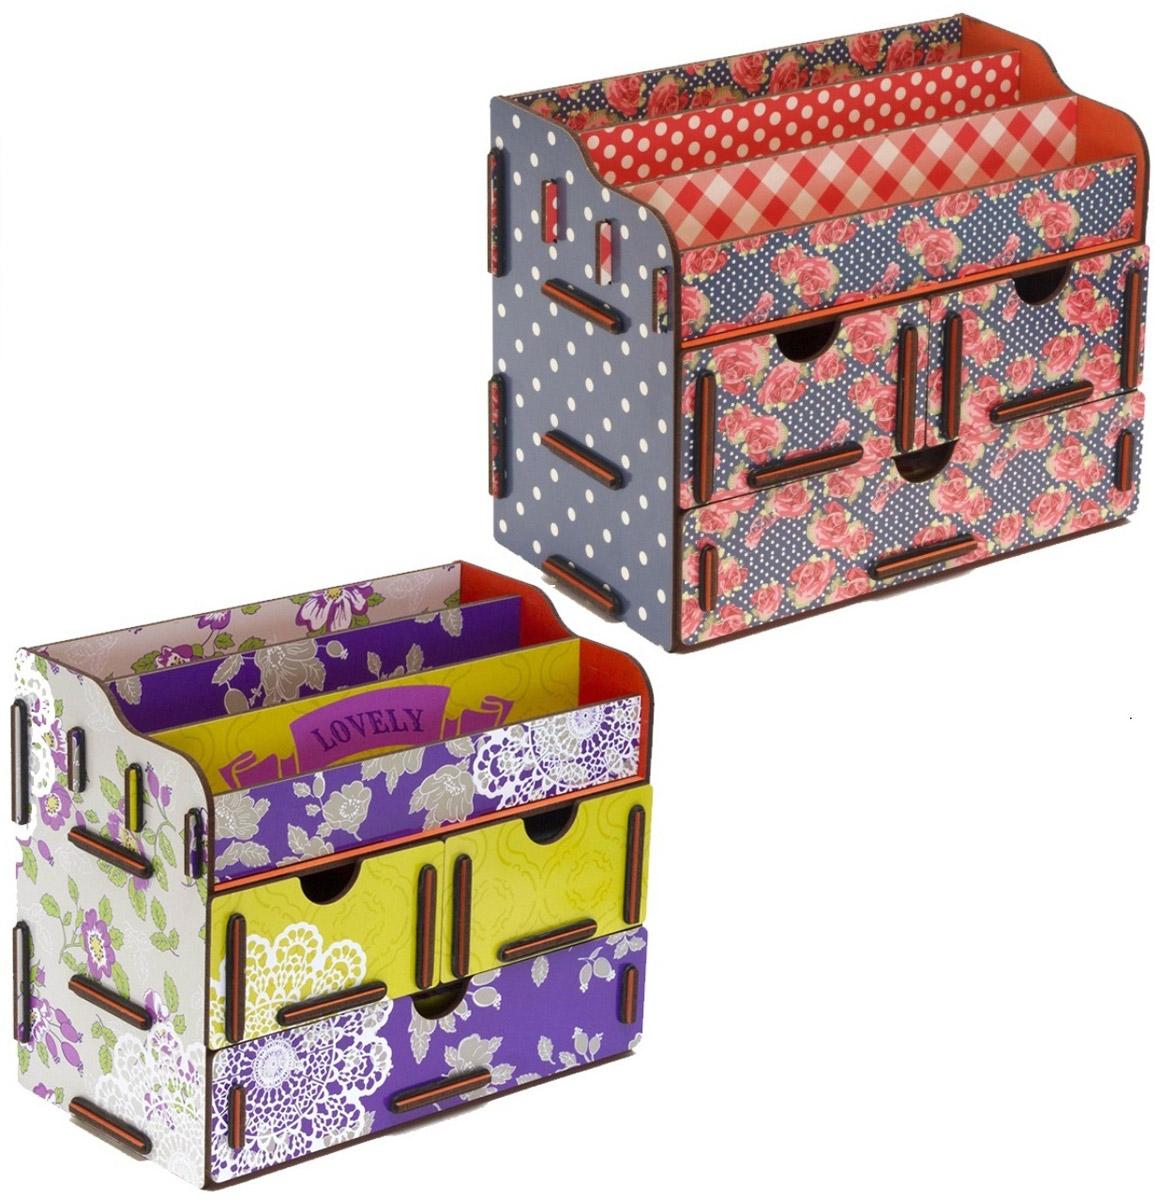 Набор шкатулок Homsu Благоухание лепестков, для украшений, 2 штDEN-05Этот комплект из оригинальных сундучков имеет множество полочек сверху для хранения косметики, парфюмерии и аксессуаров, а также два маленьких ящичка размером 11см на 14,5см и один большой ящик размером 22см на 14,5см, которые позволят разместить в них все самое необходимое и сокровенное для каждой женщины. Шкатулочки можно поставить на стол, они станут отличным дополнением интерьера. 240х140х190; 240х140х190